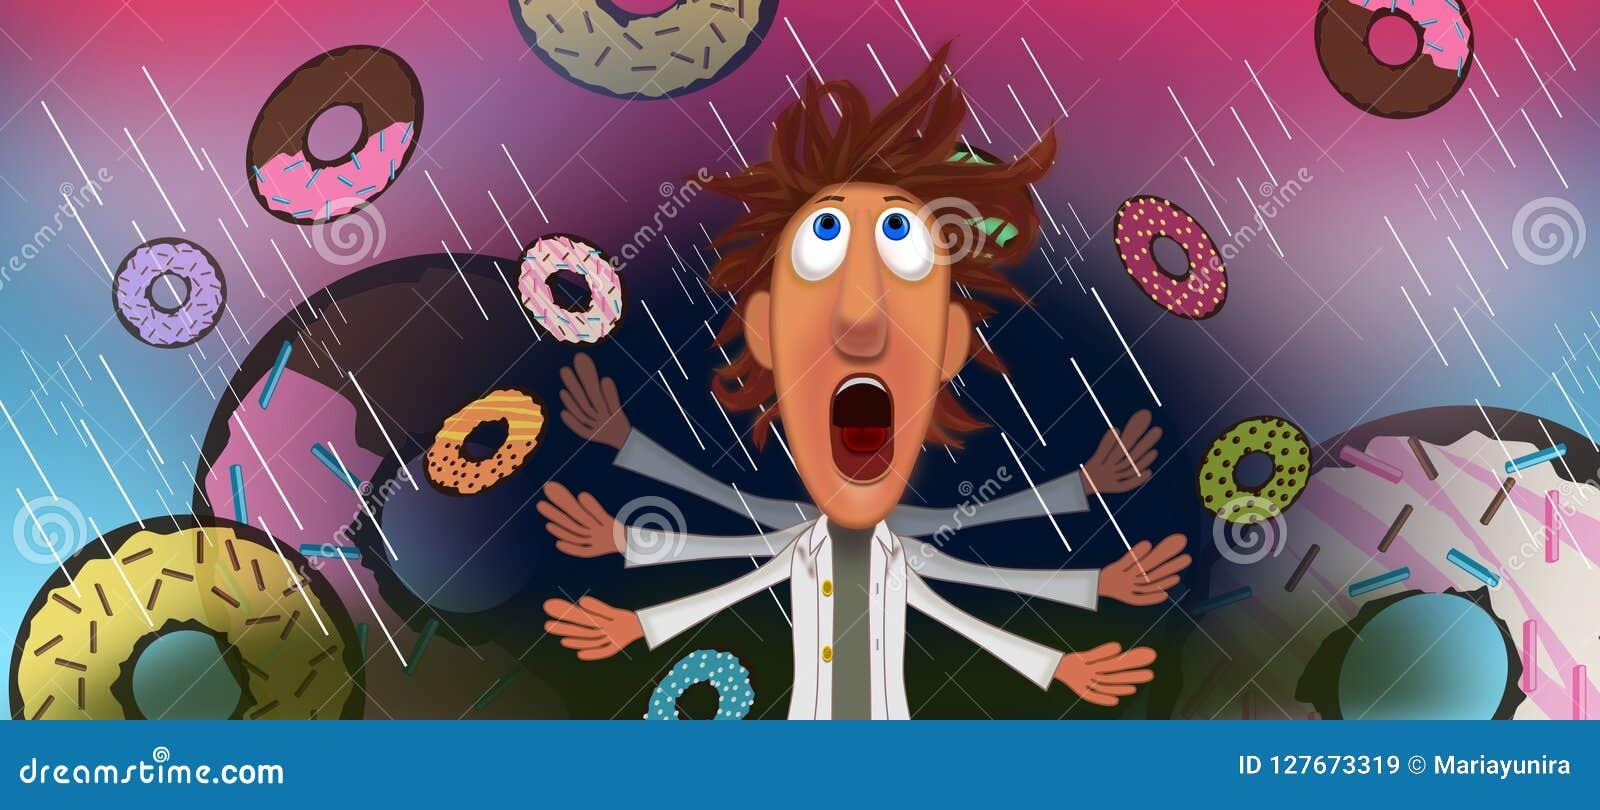 Rain of doughnuts